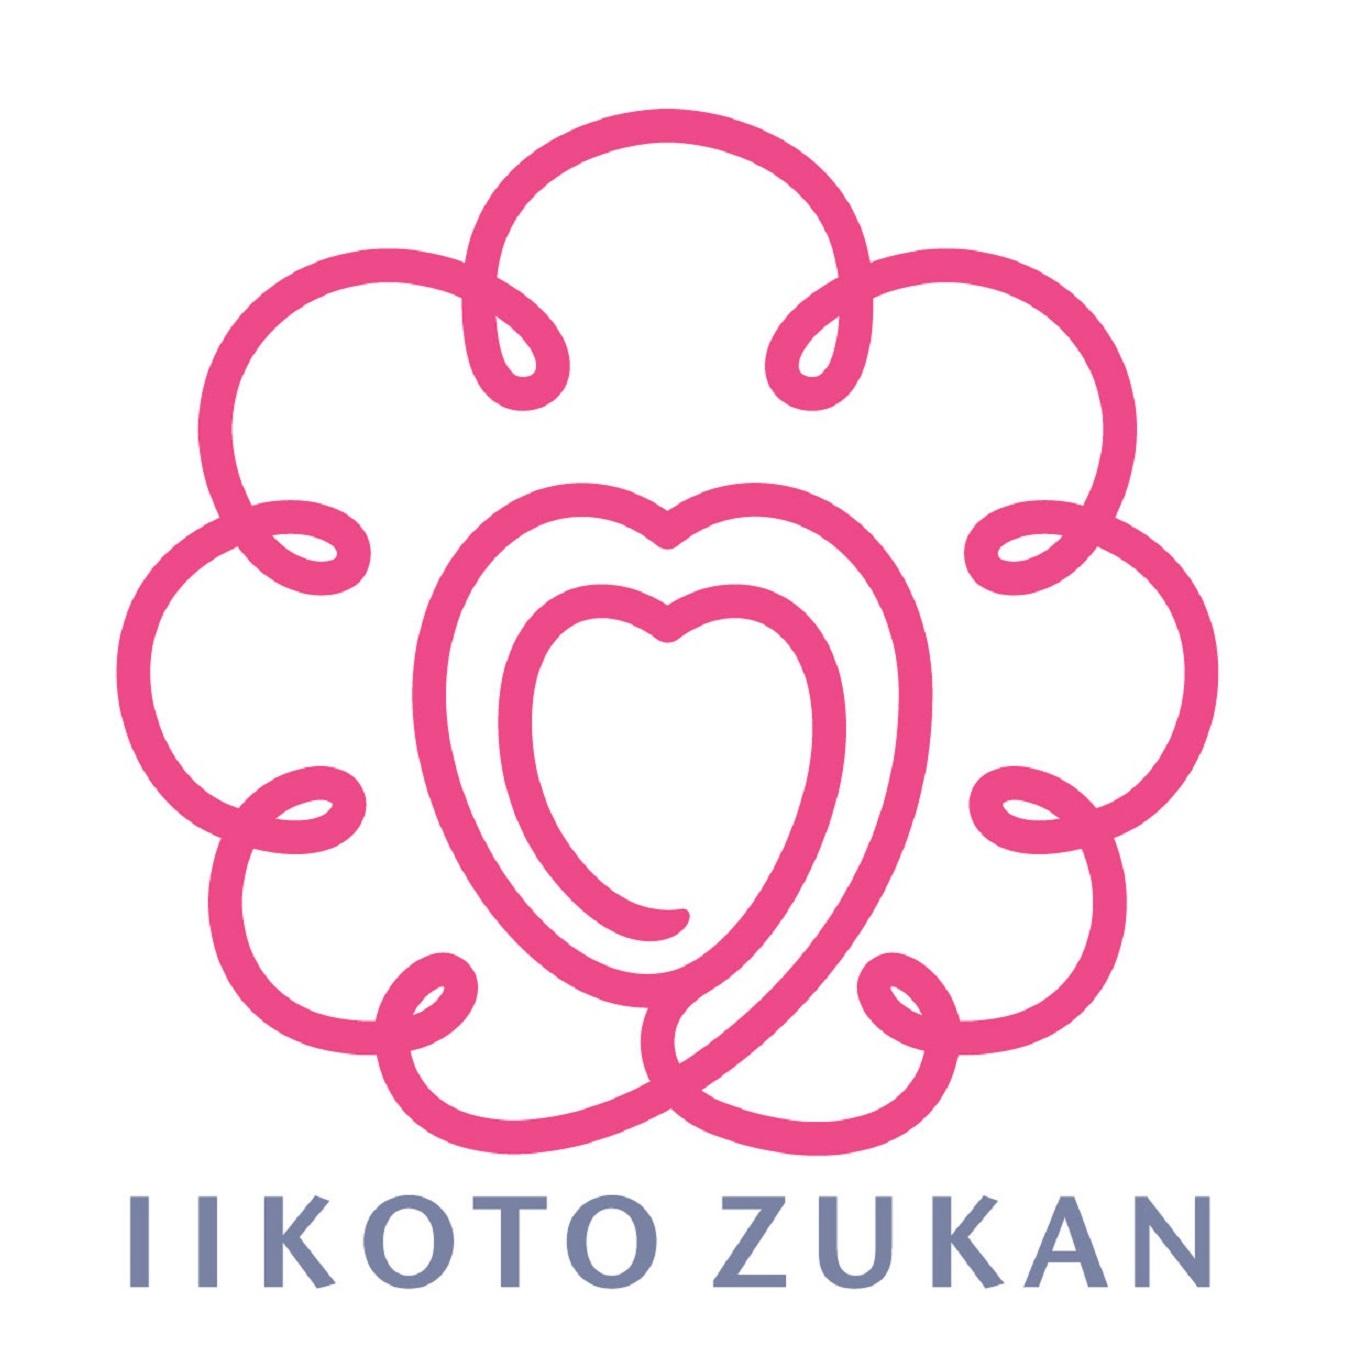 iikoto_zukan_normal_fb.jpg